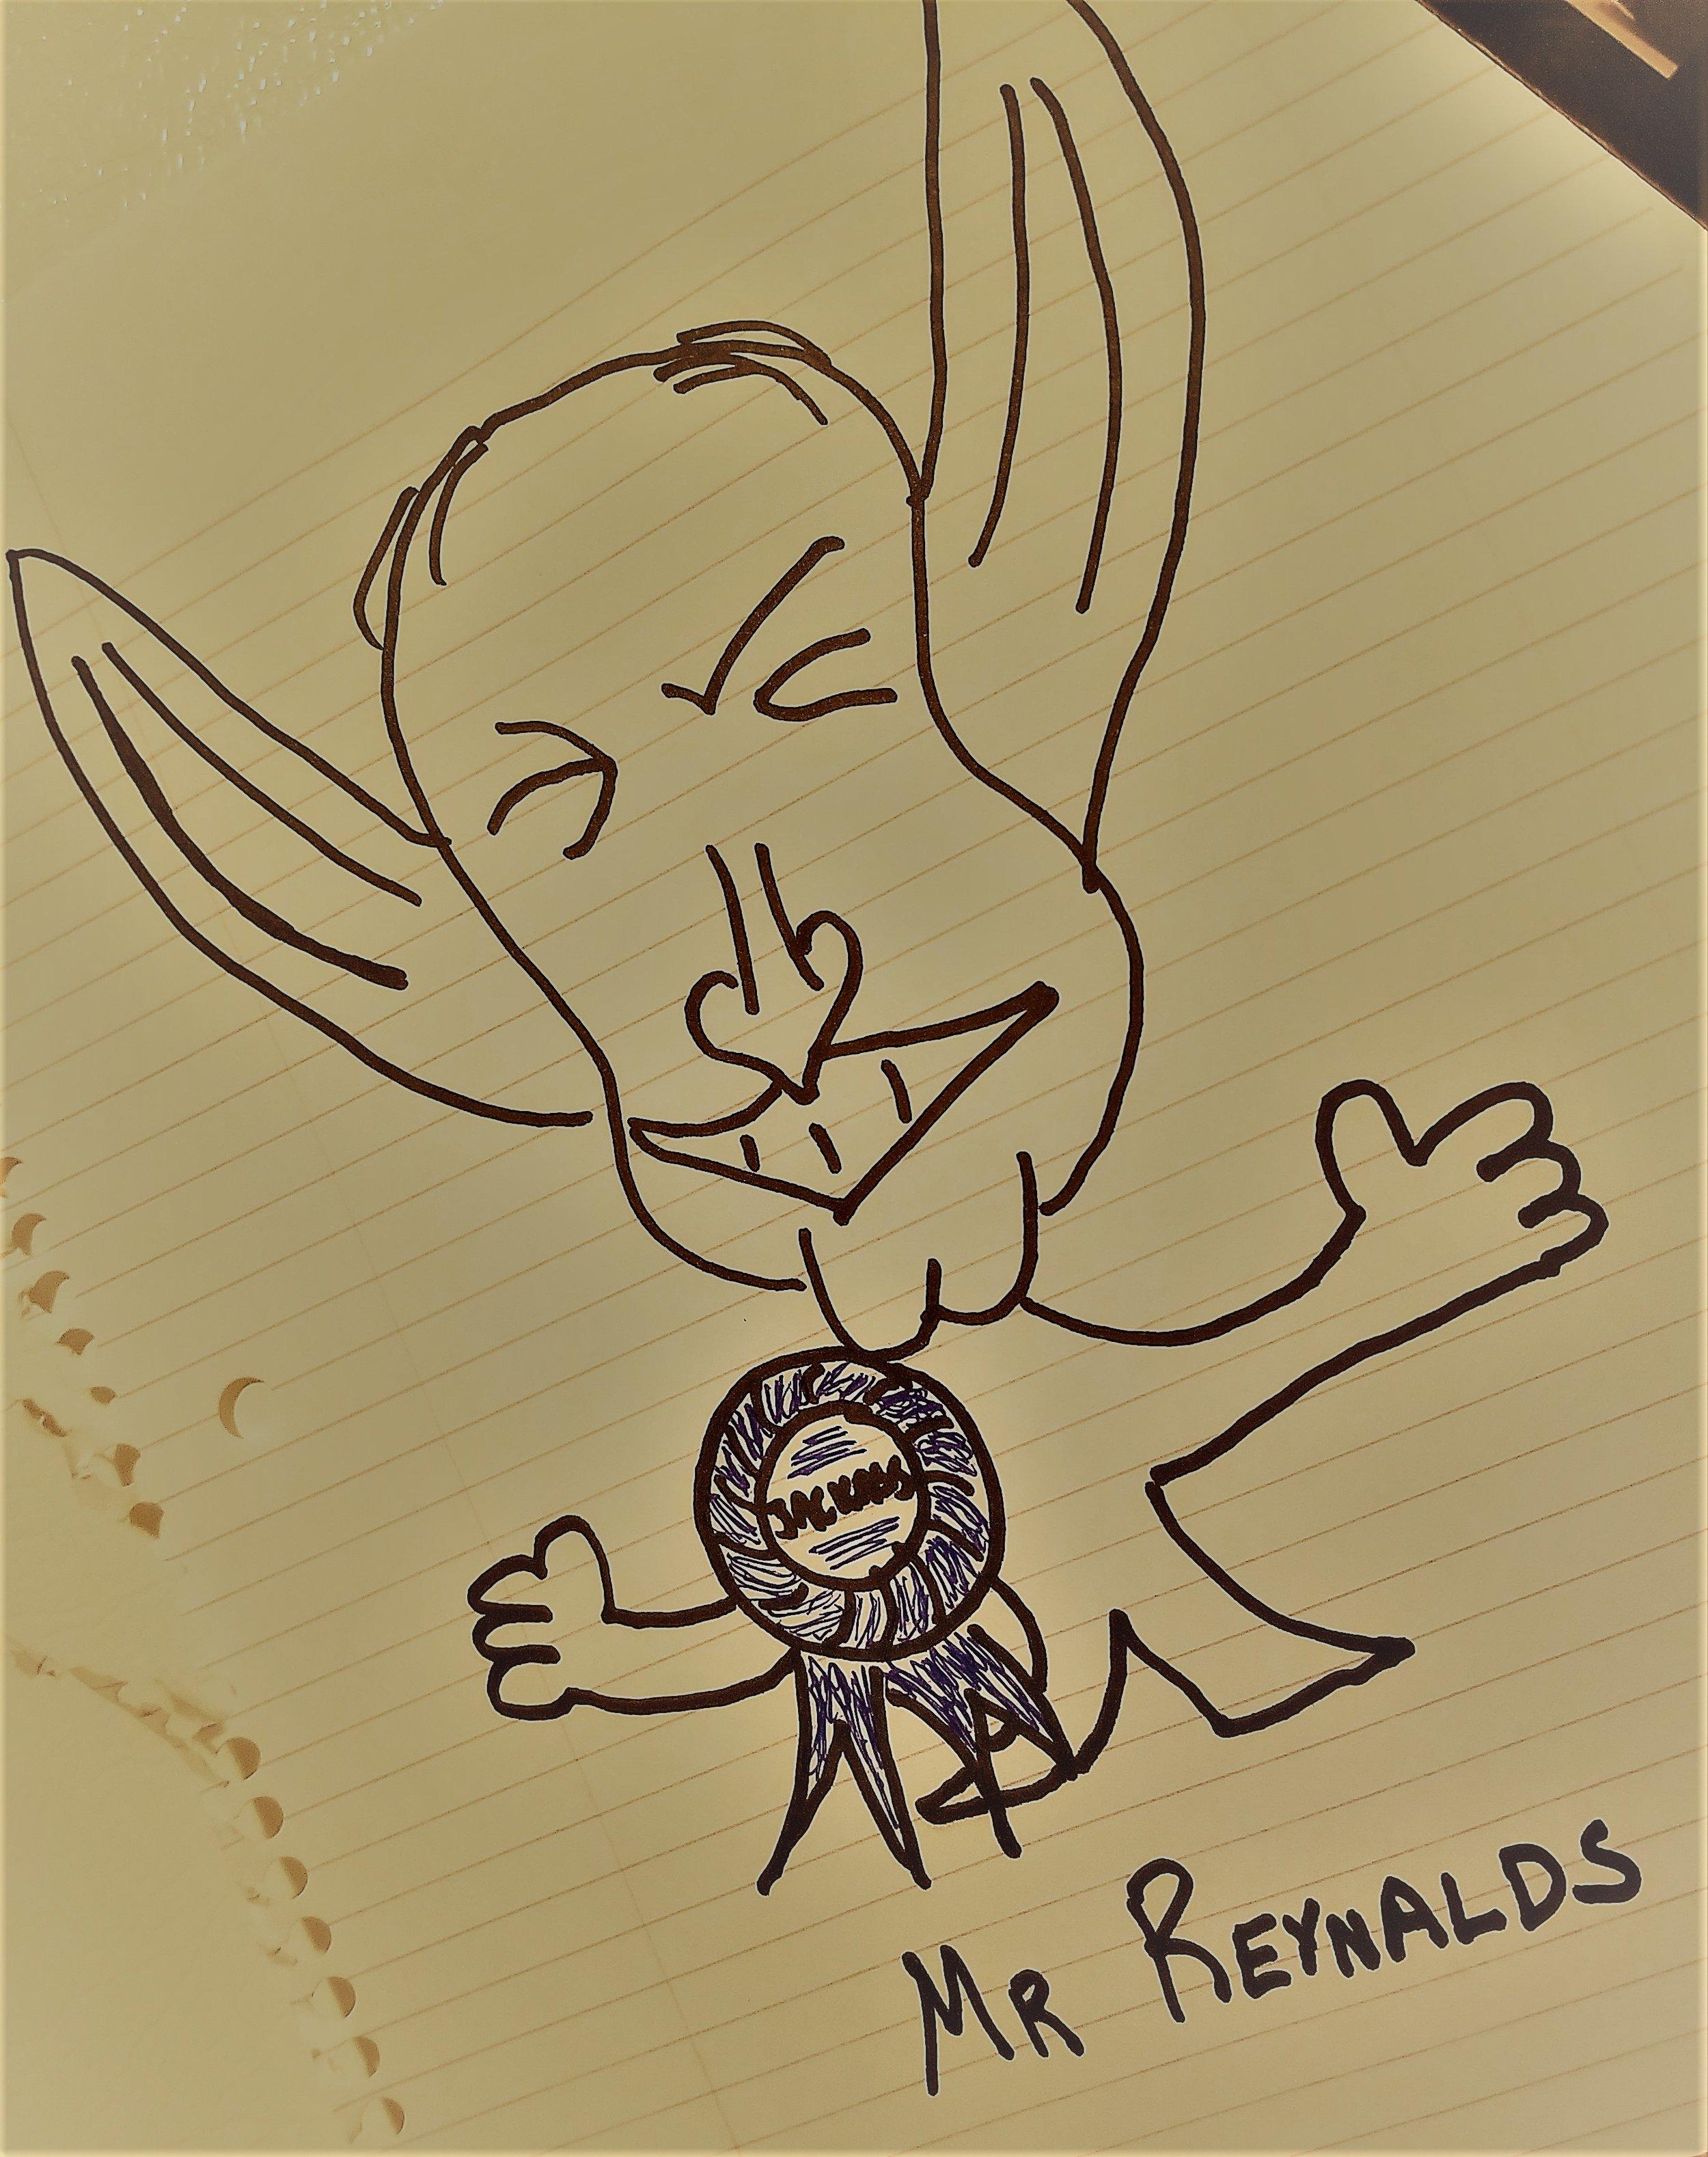 Mr Reynolds.jpg